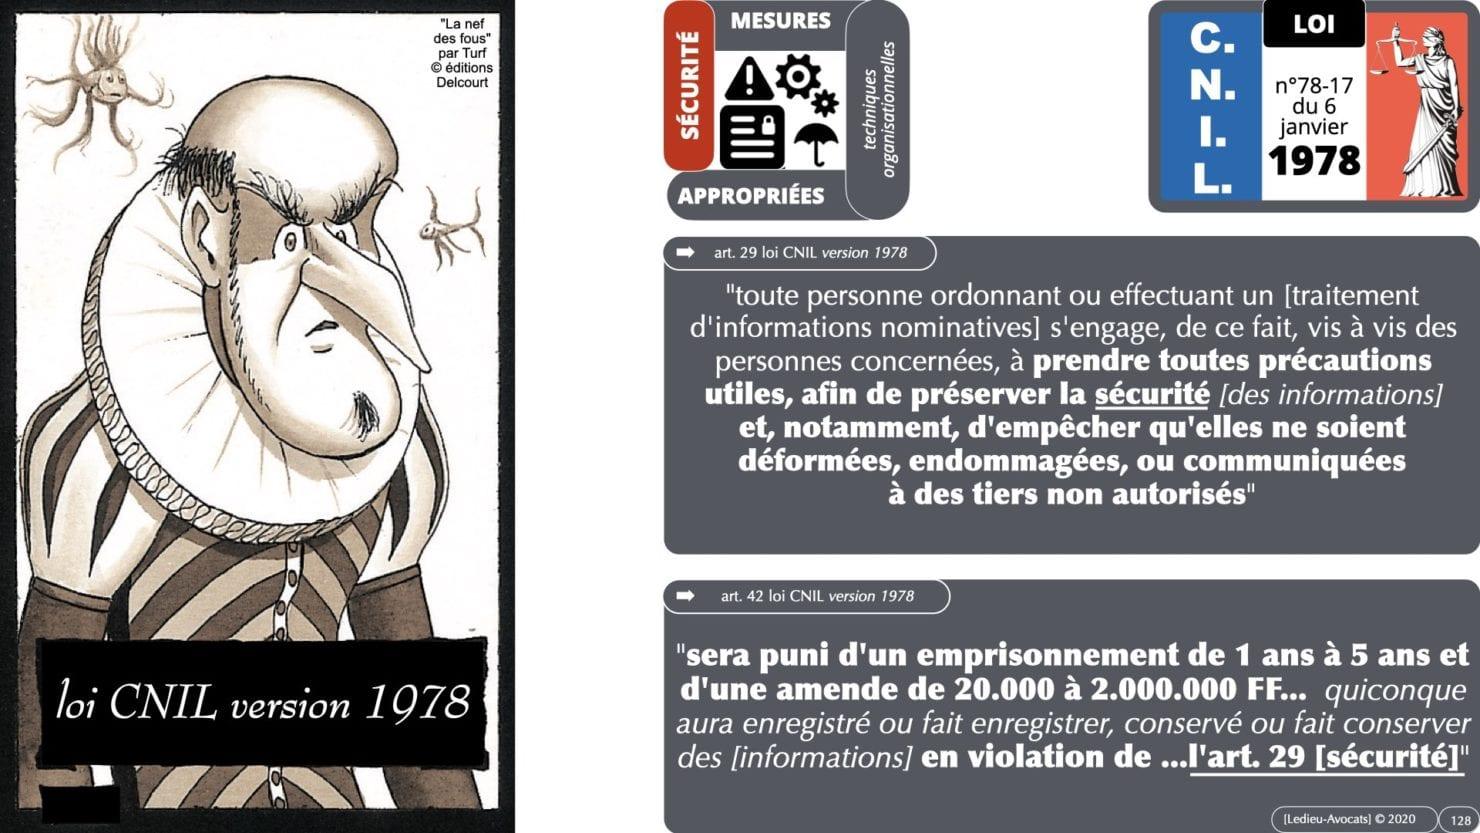 333 CYBER ATTAQUE responsabilité pénale civile contrat © Ledieu-Avocats 23-05-2021.128